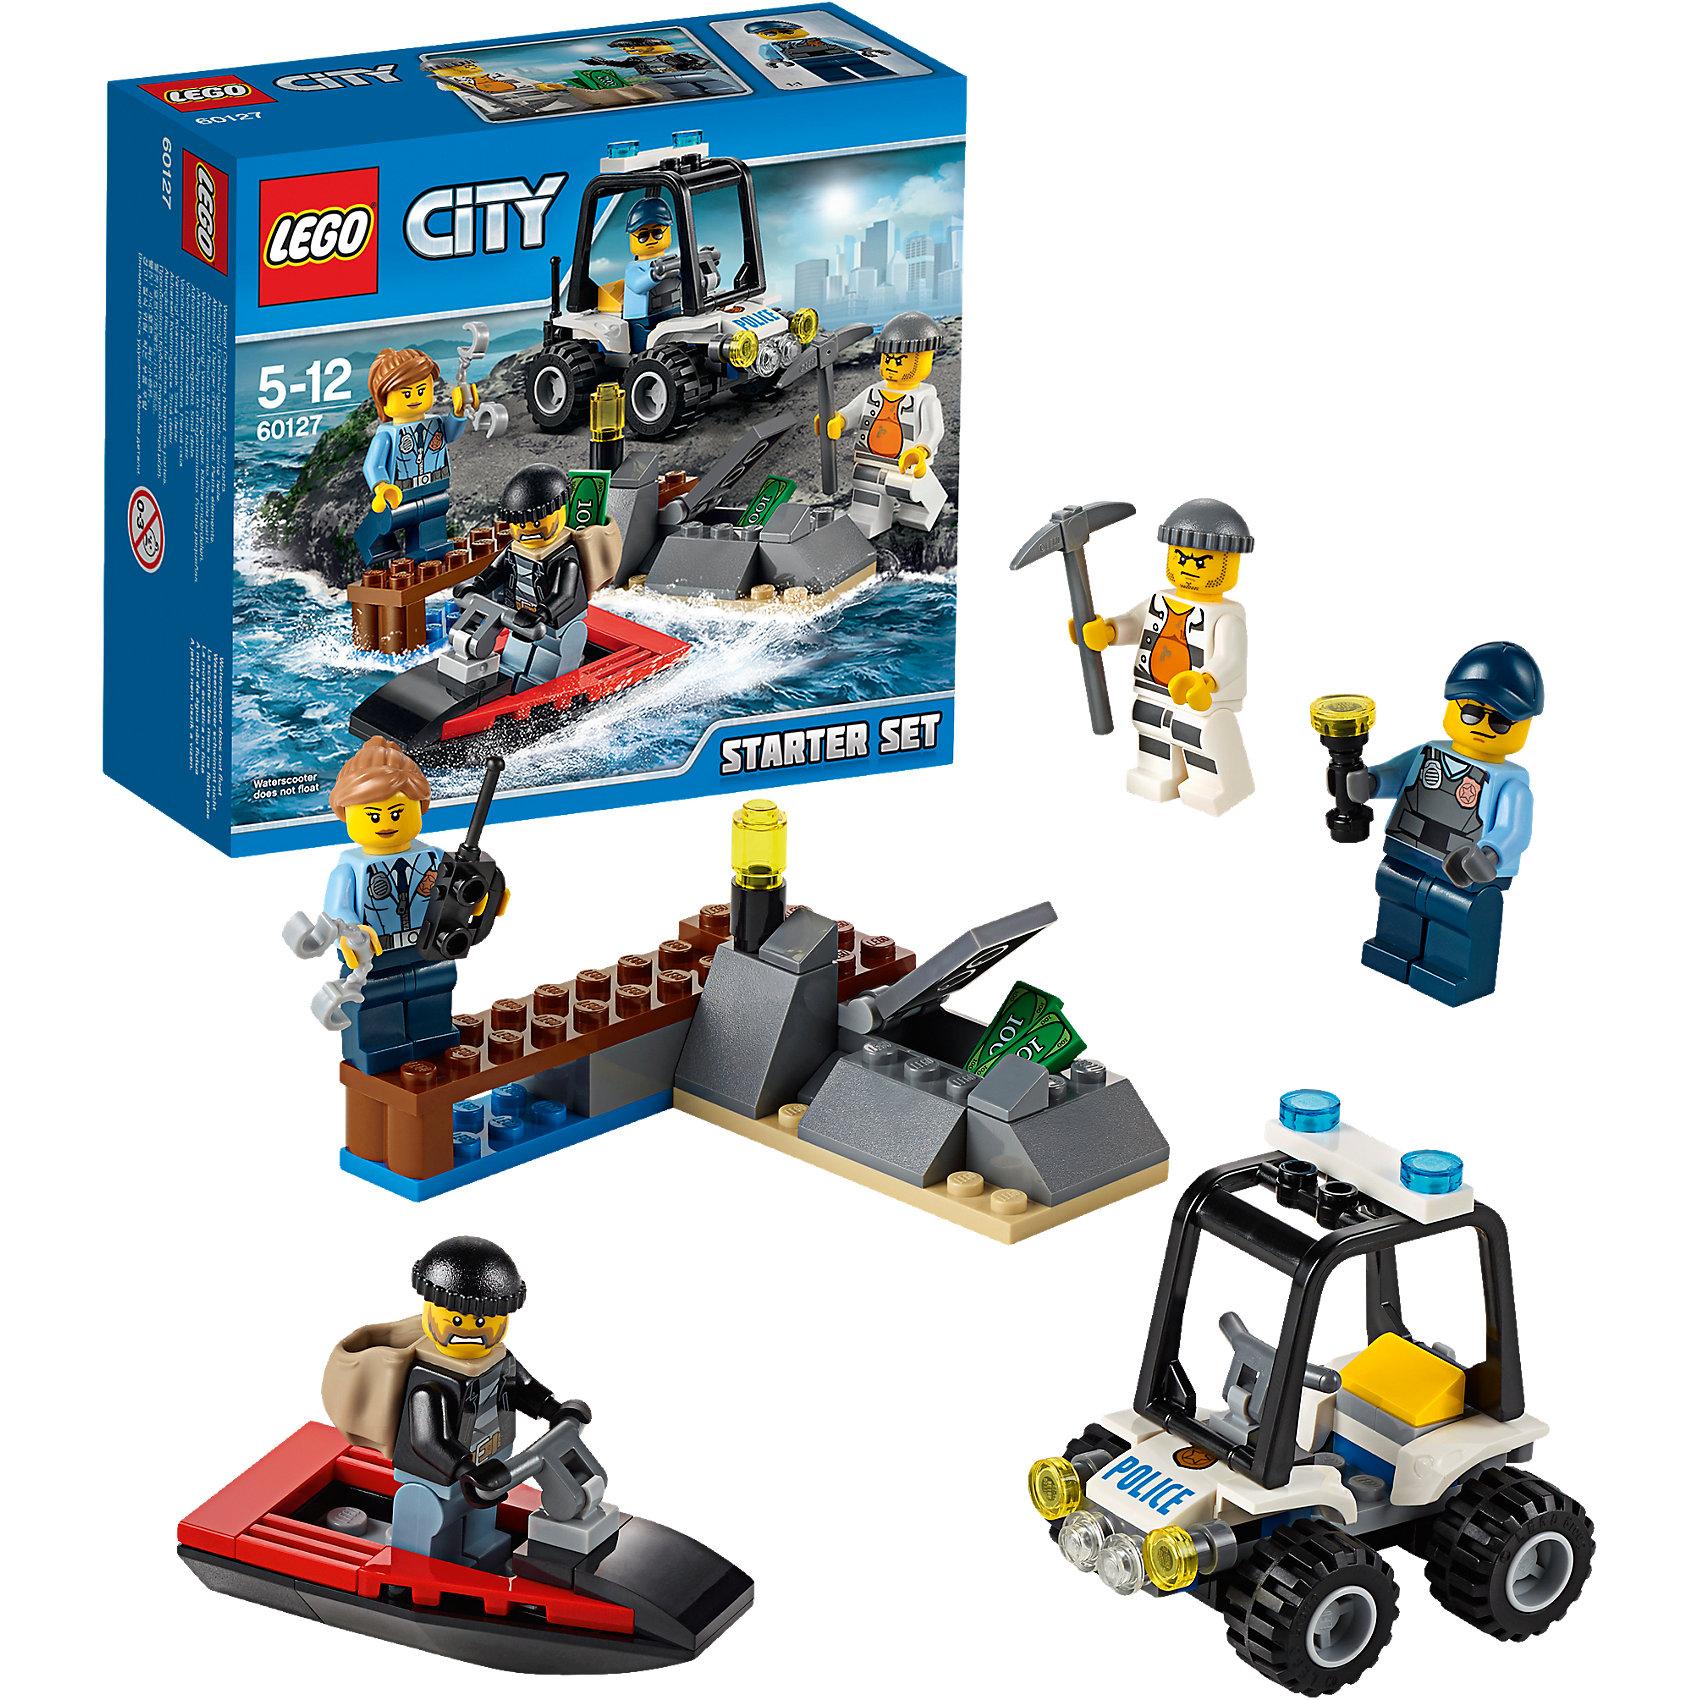 LEGO LEGO City 60127: Набор для начинающих «Остров-тюрьма» lego city 60110 лего город пожарная часть